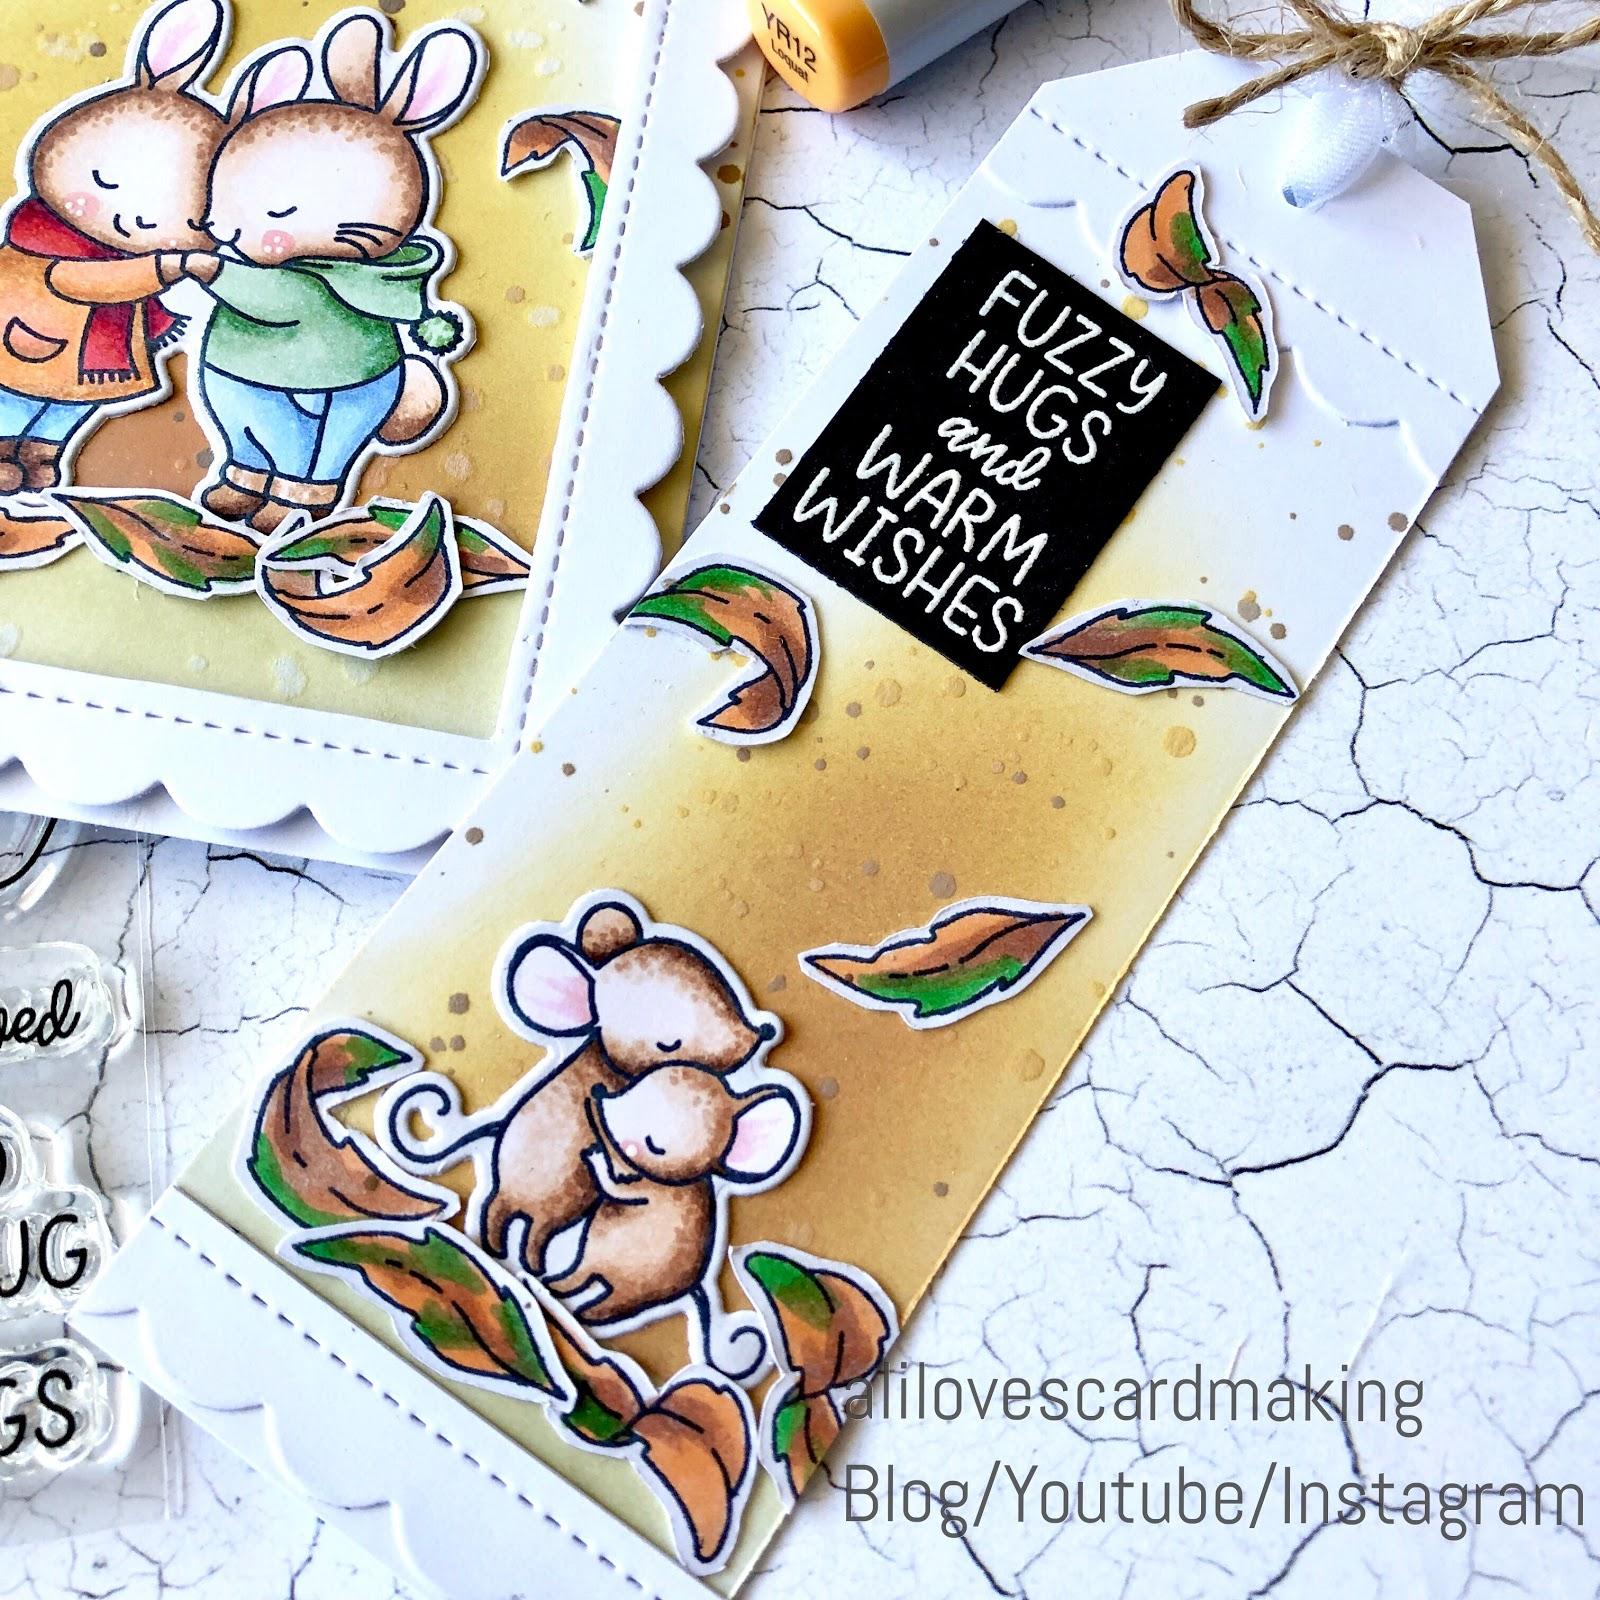 Mama Elephant Stampede Blog Hop Day 3 Alilovescardmaking